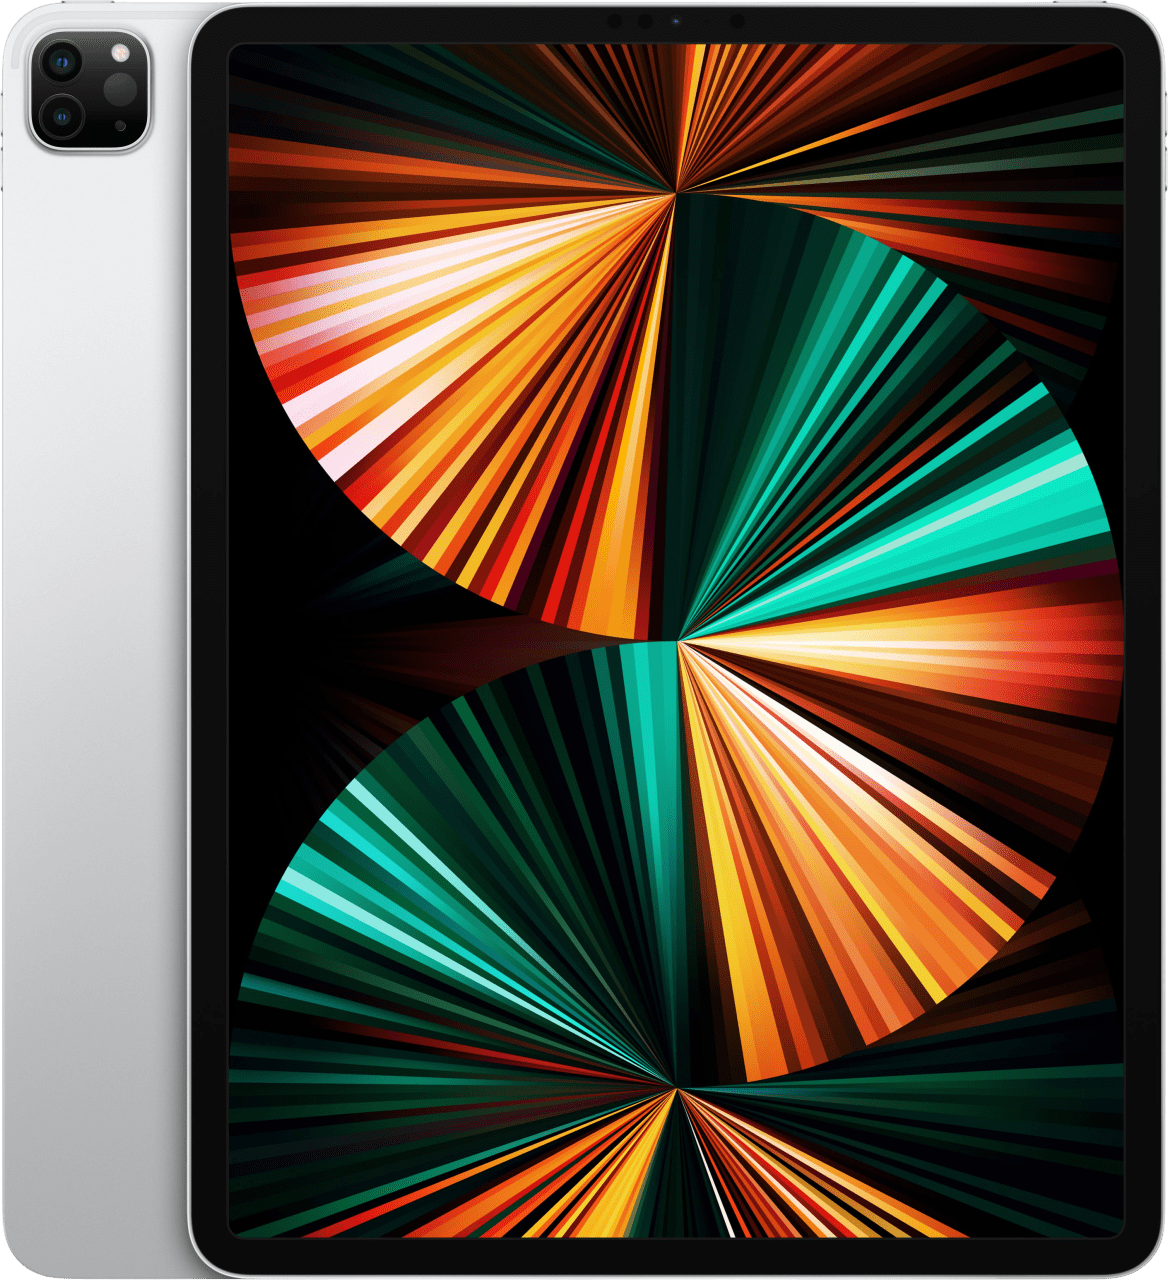 """Silber Apple 12.9"""" iPad Pro (2021) - Wi-Fi - iOS 14 - 128GB.1"""